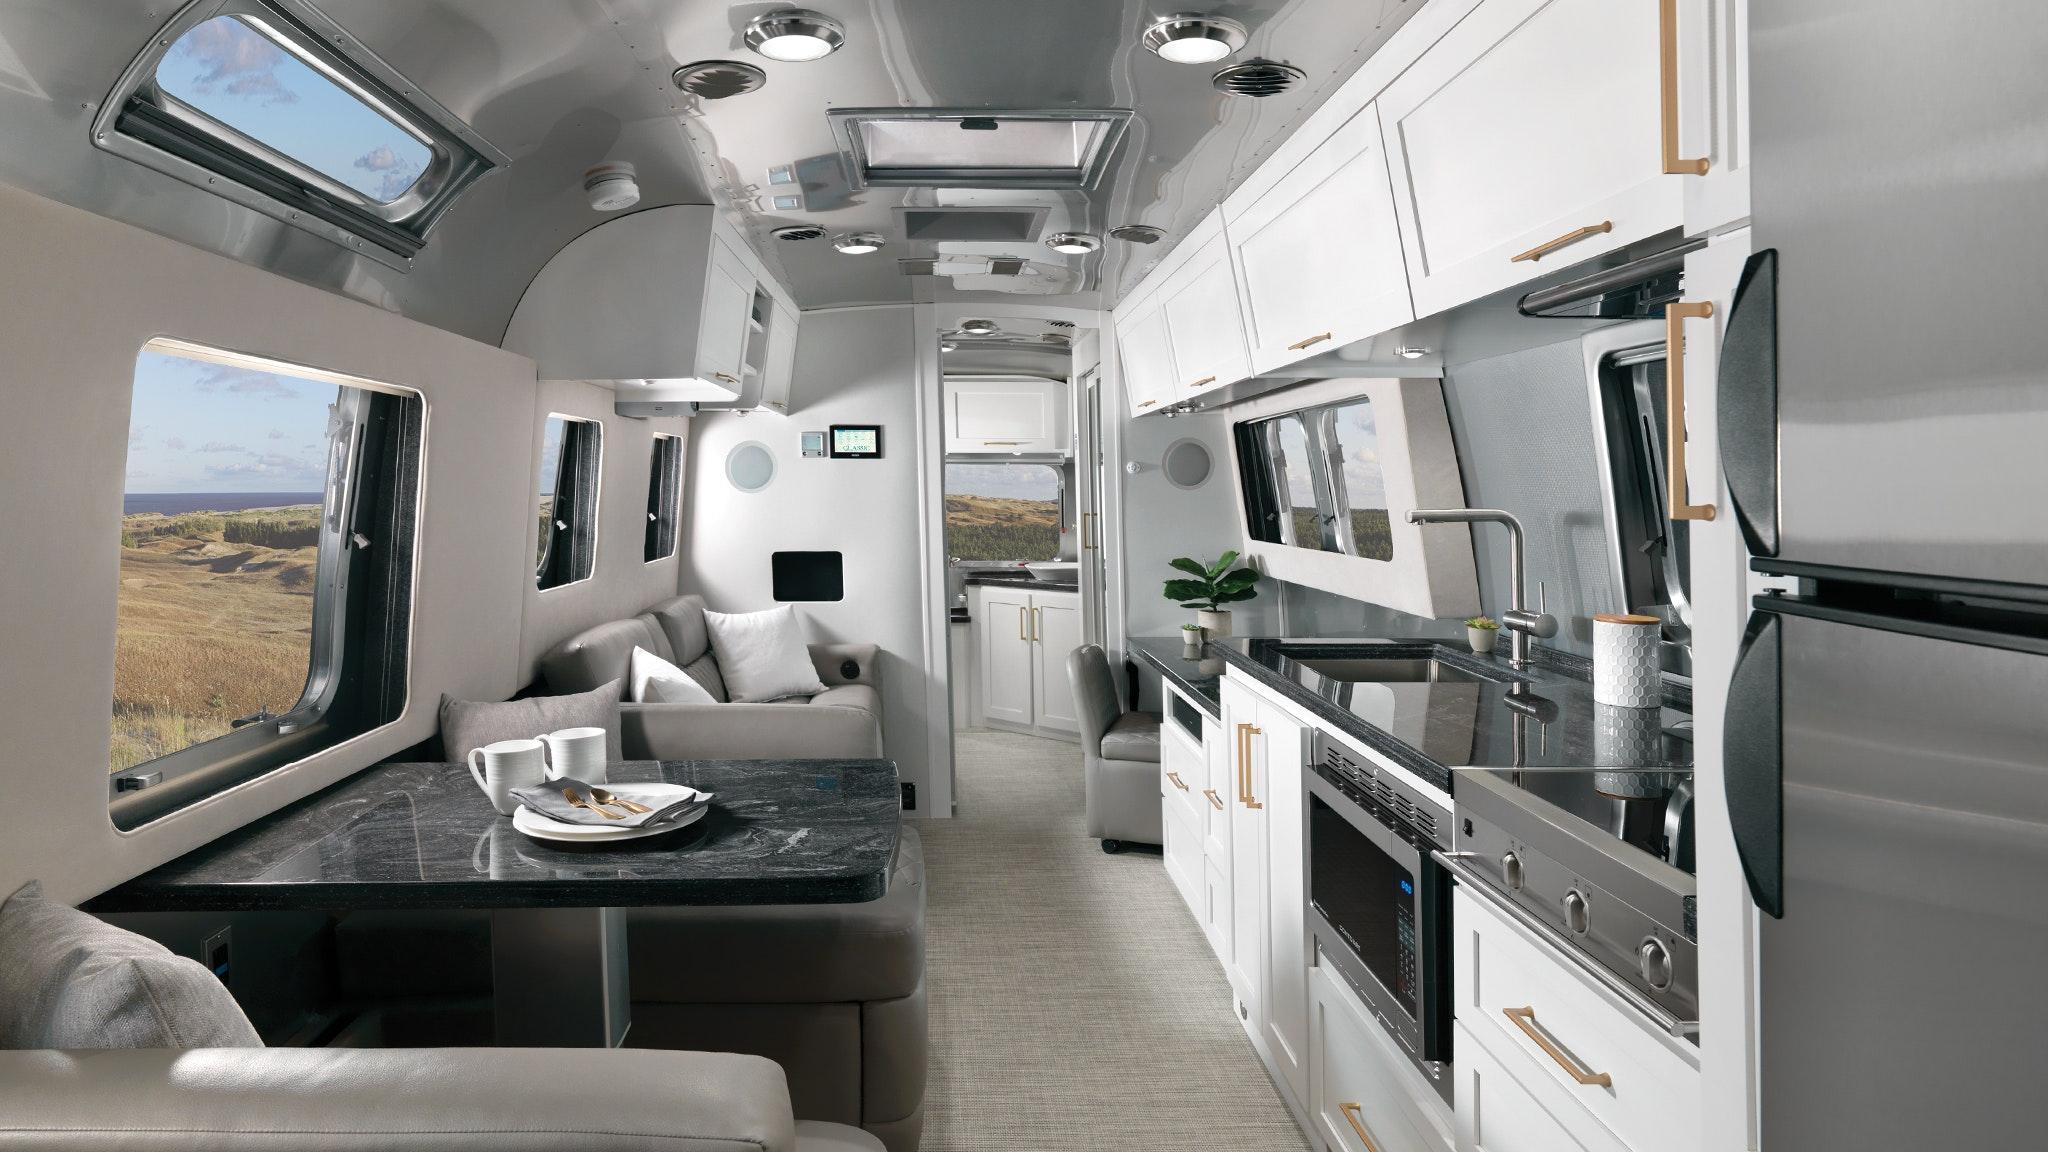 Airstream-Classic-2020-Comfort-White-Interior-Decor-Desktop-Feature